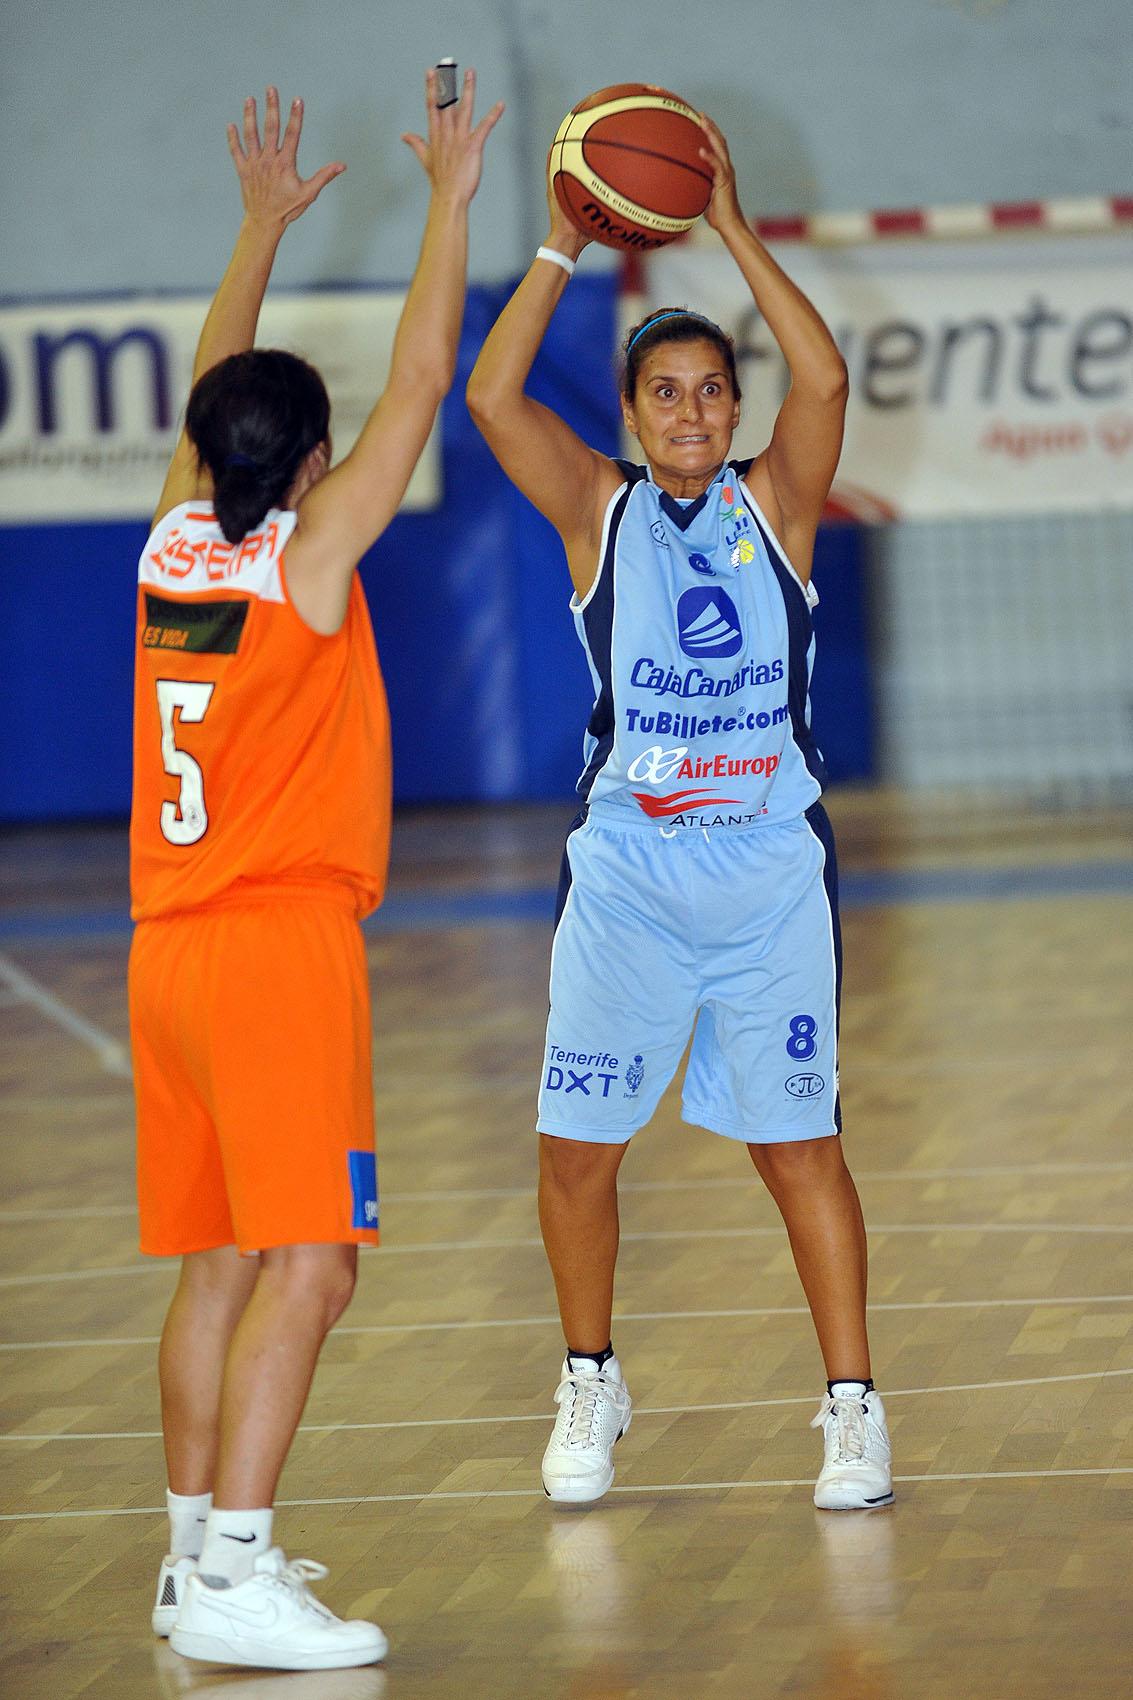 Lidia Mirchandani